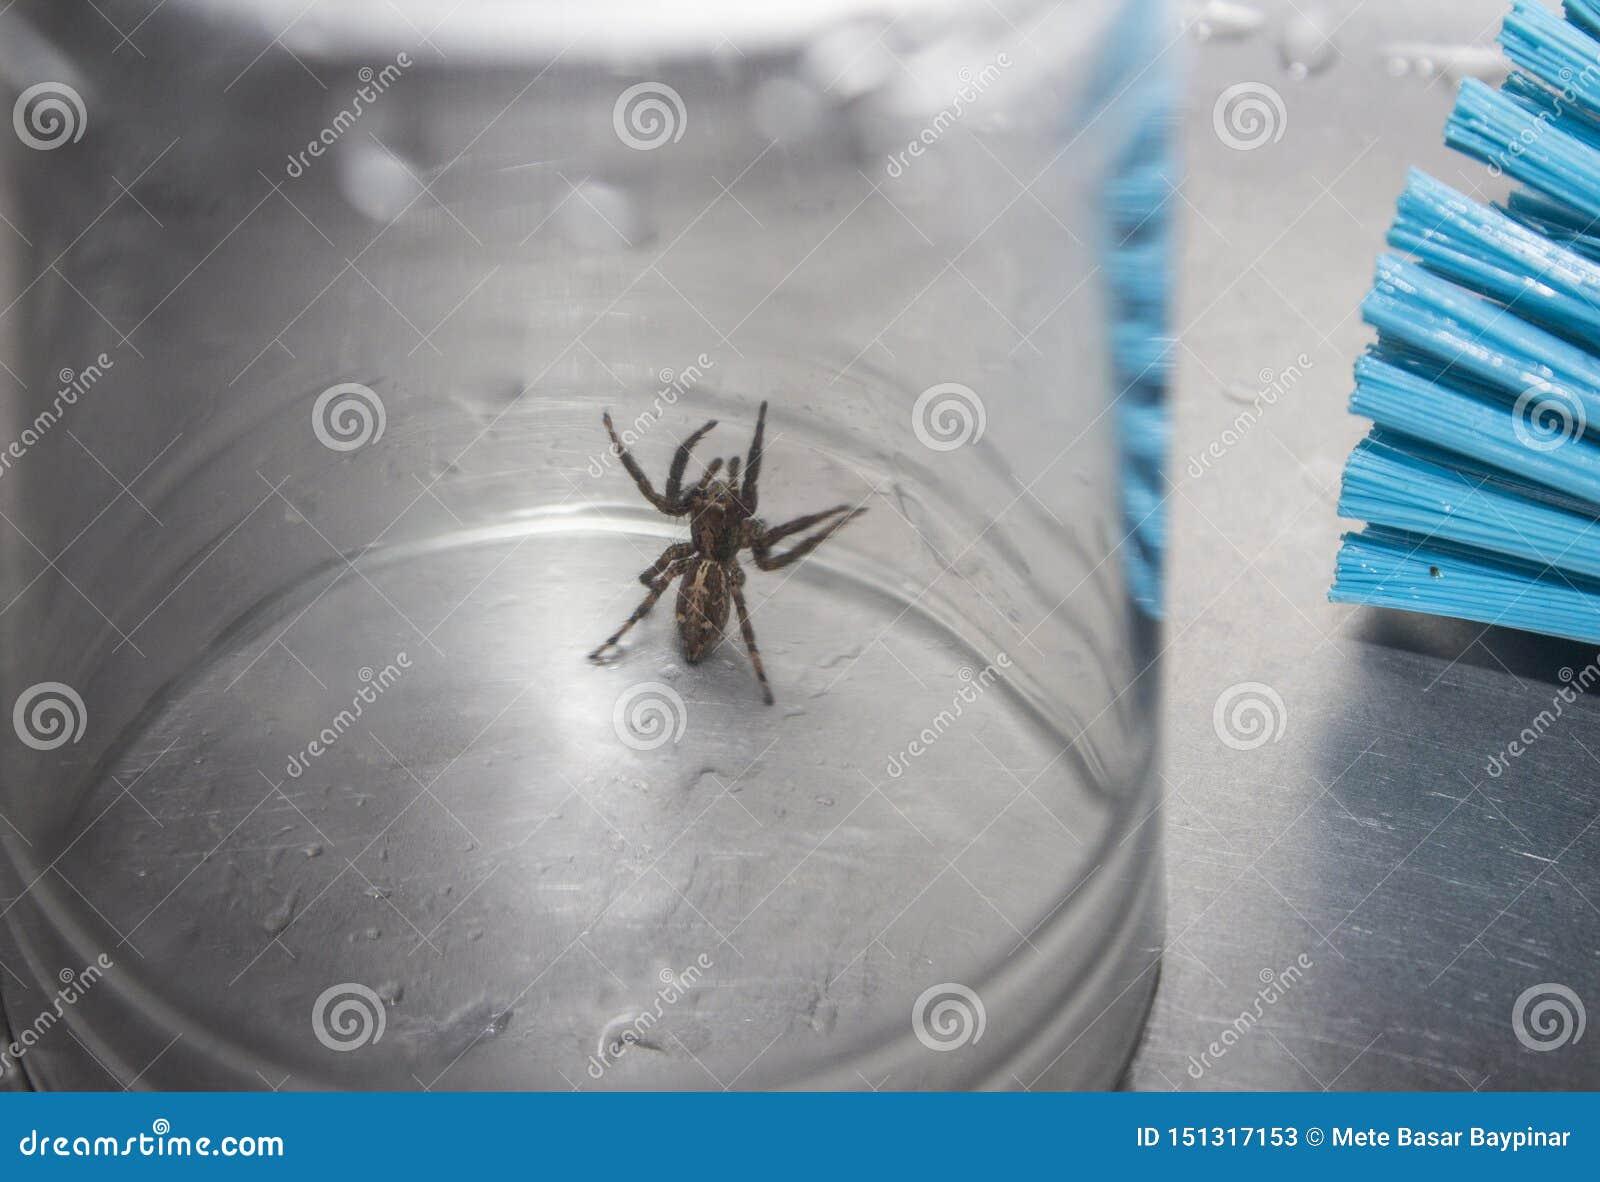 Un ragno marrone bloccato in un vetro della bevanda in un lavandino